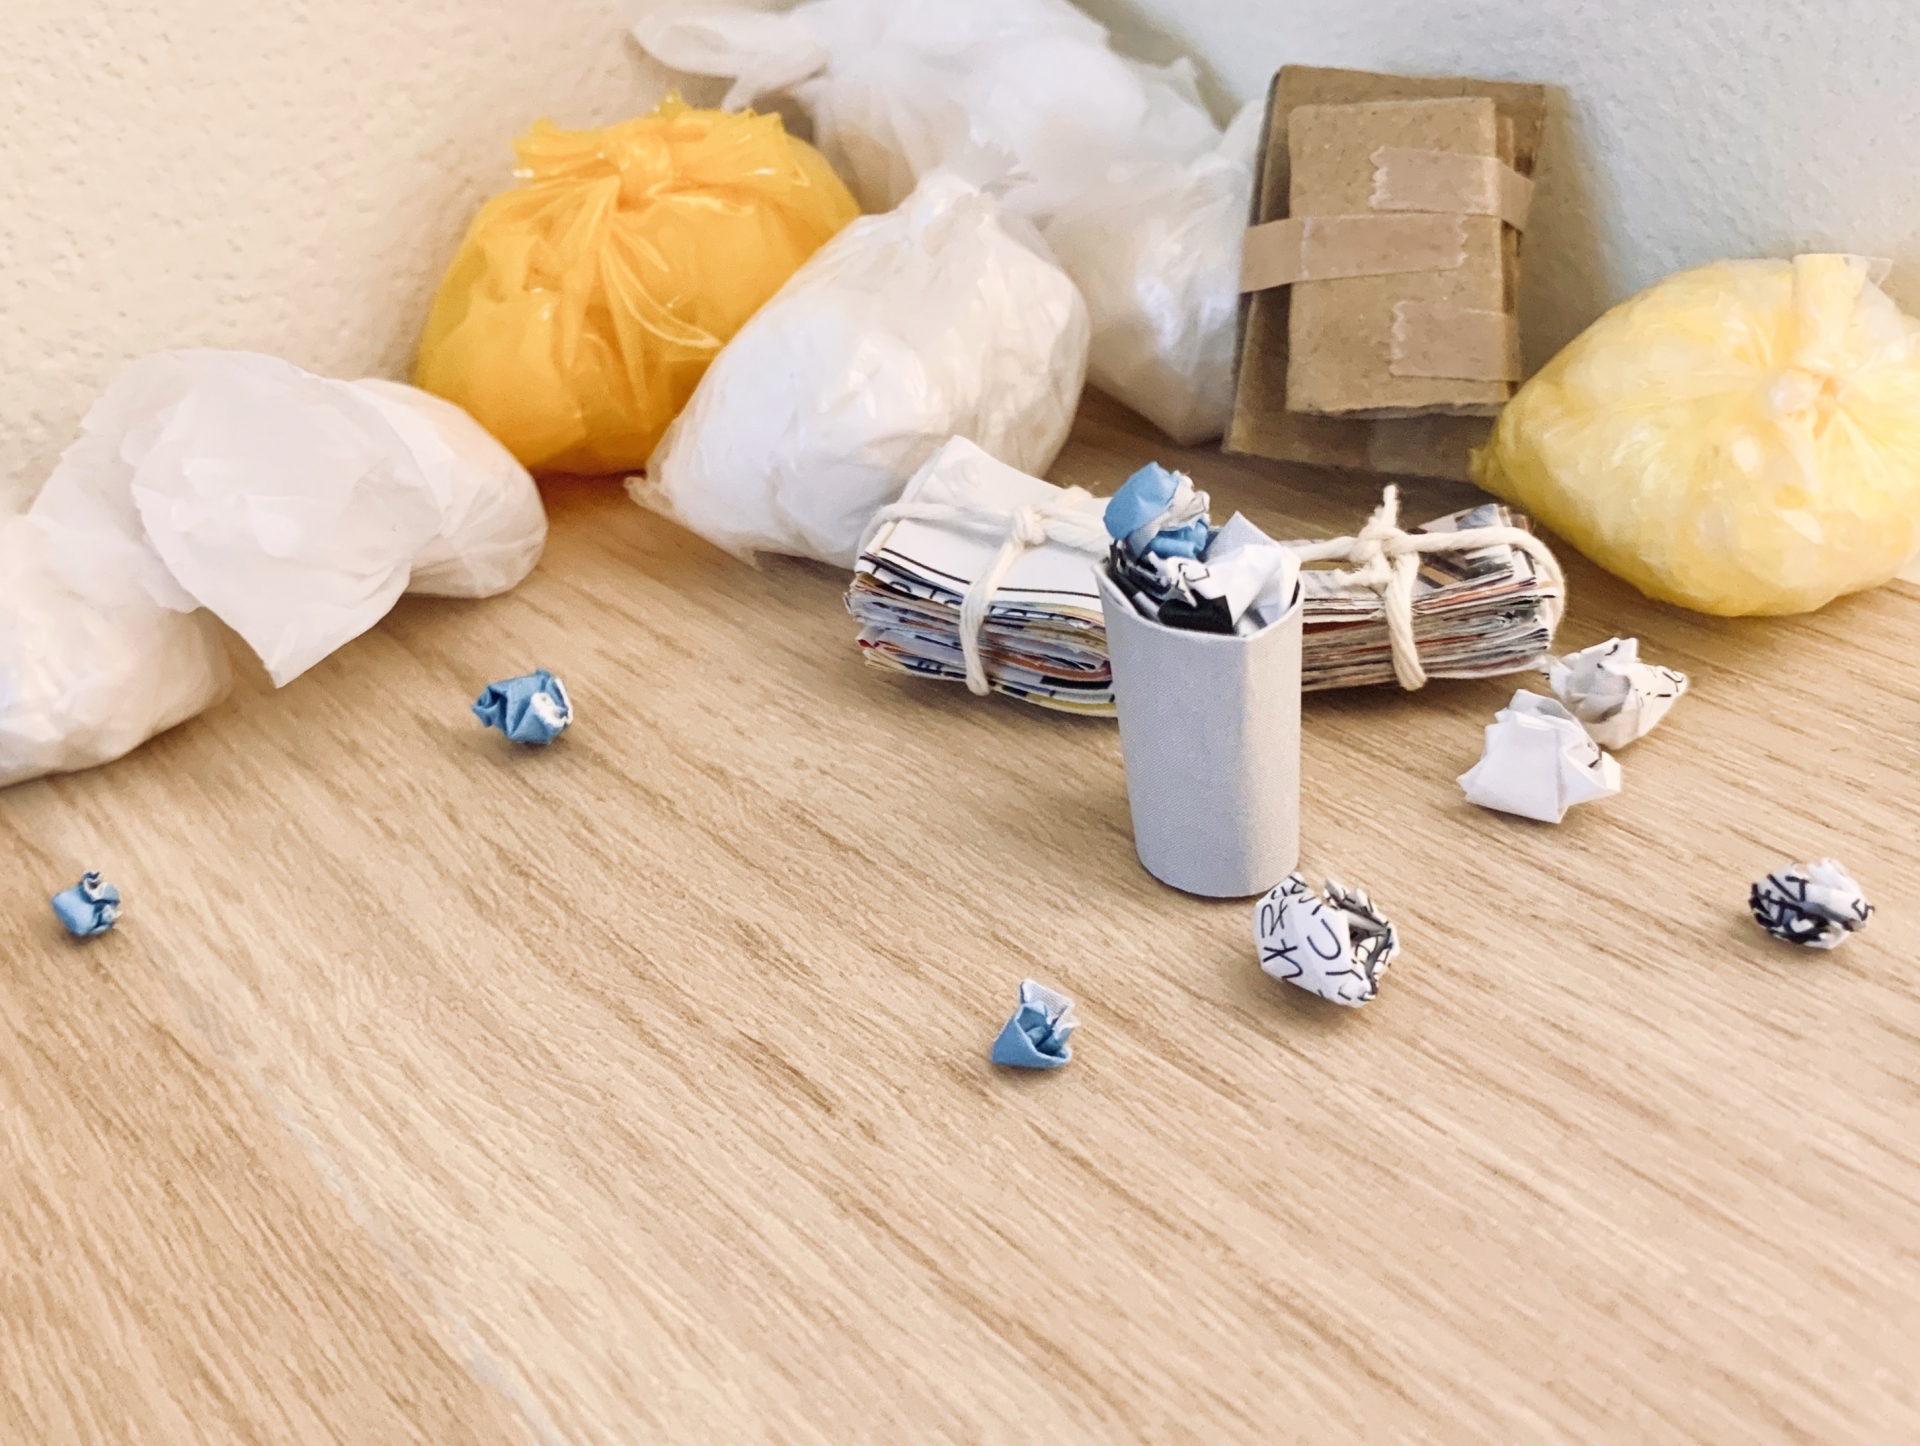 アパートのゴミ屋敷問題とは?原因・リスク・対処法を詳しく解説!